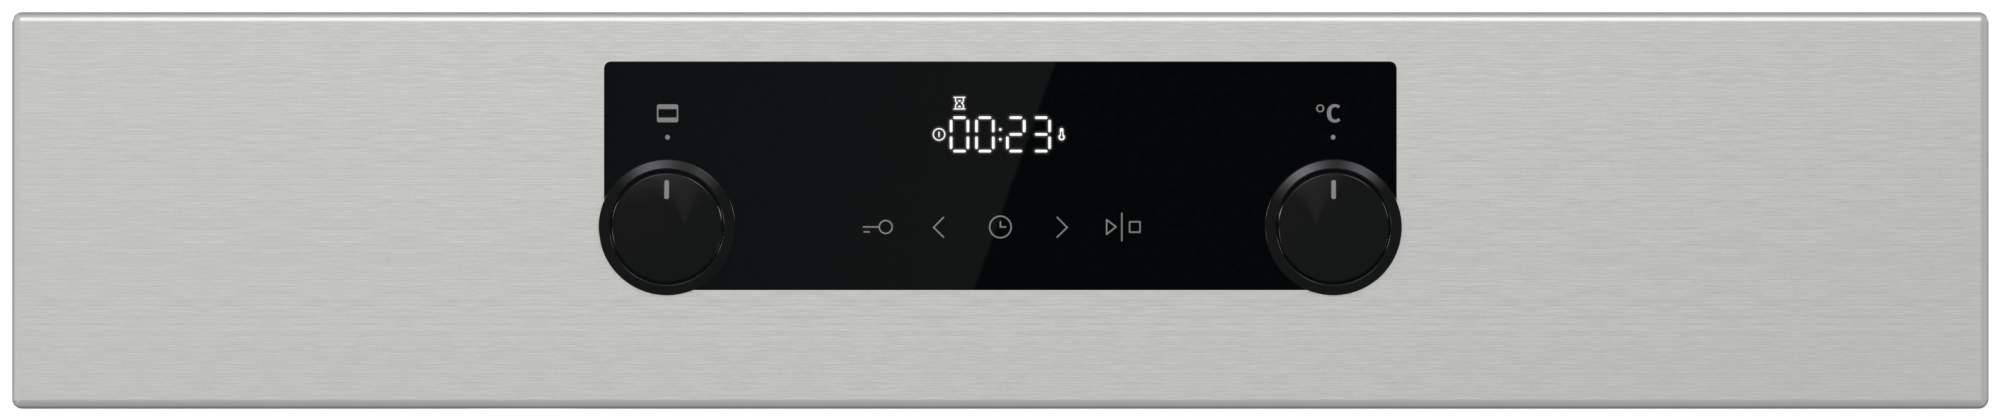 Встраиваемый электрический духовой шкаф Gorenje BO735E20X-M Silver